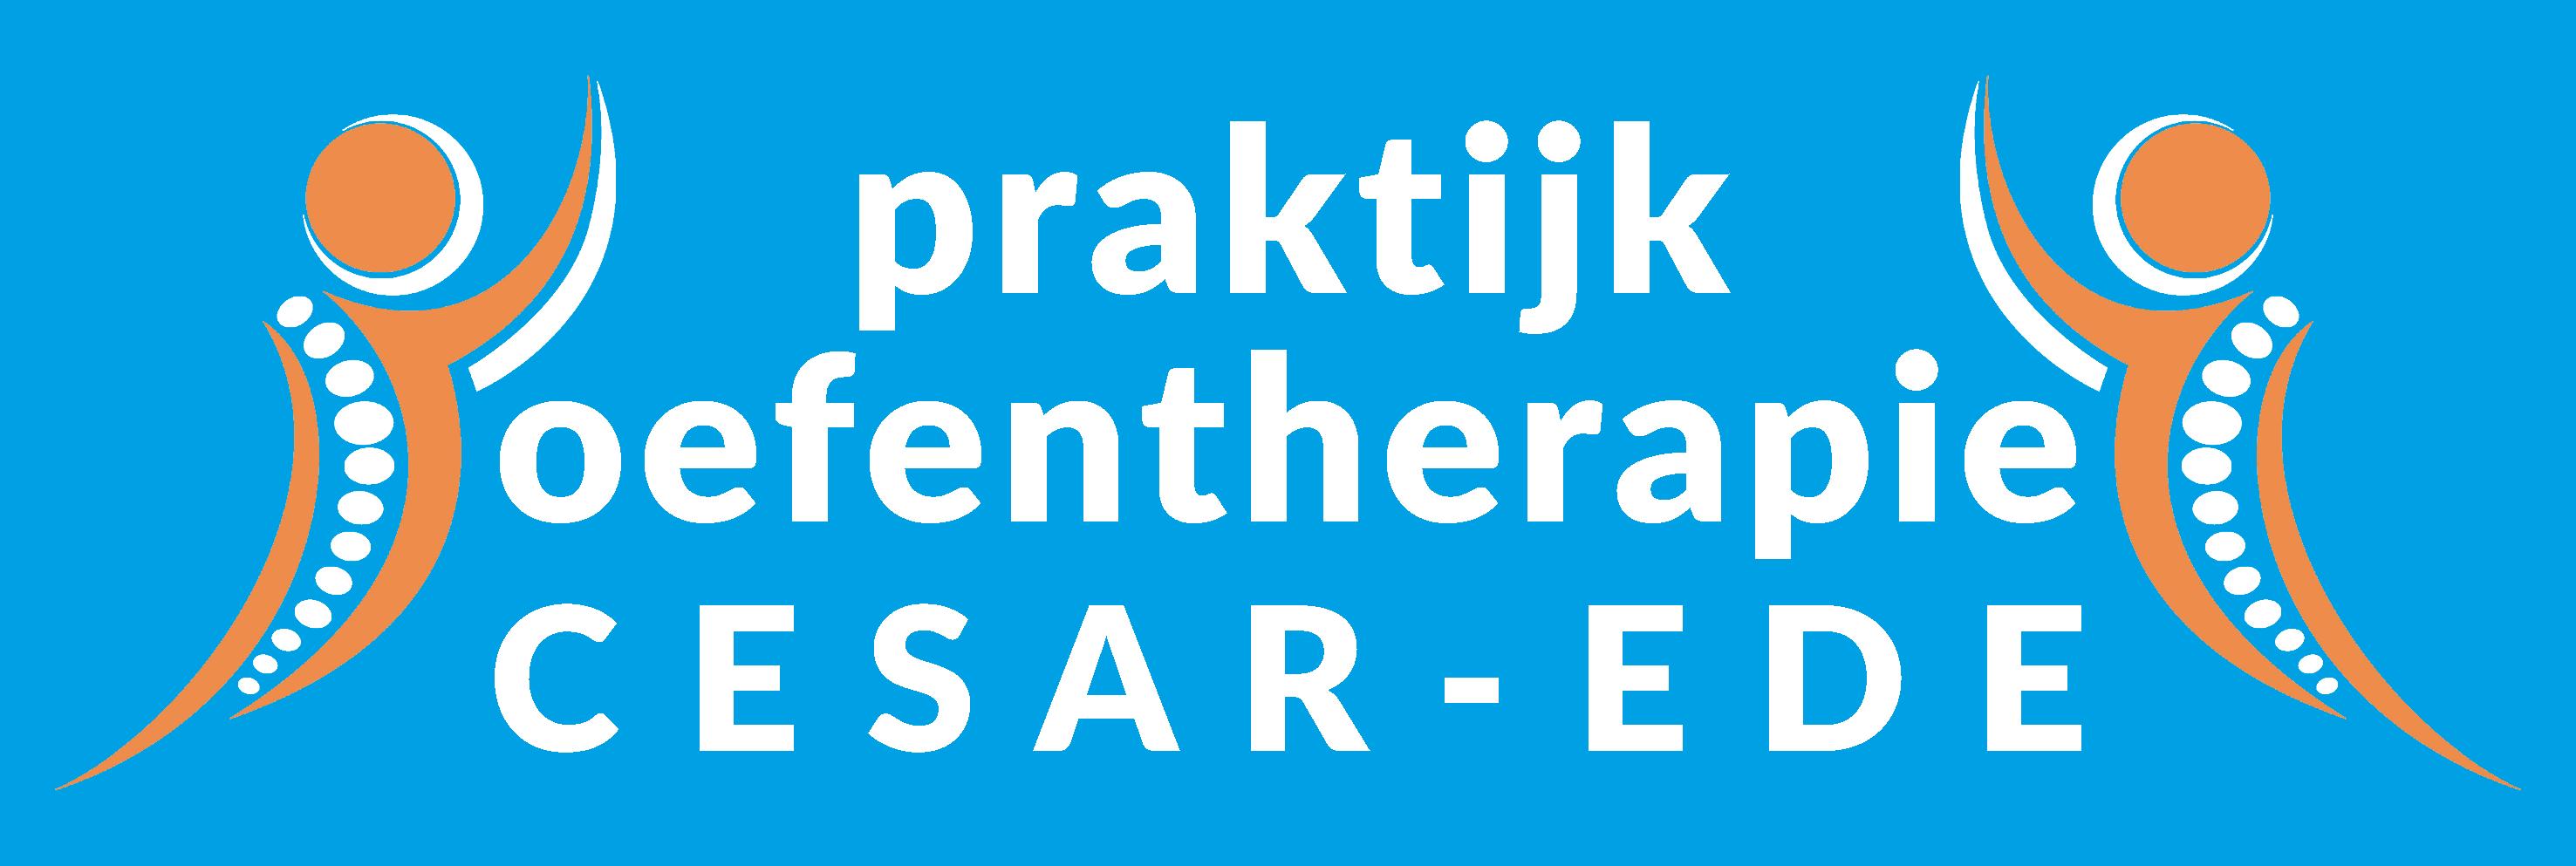 Cesar Oefentherapie Ede